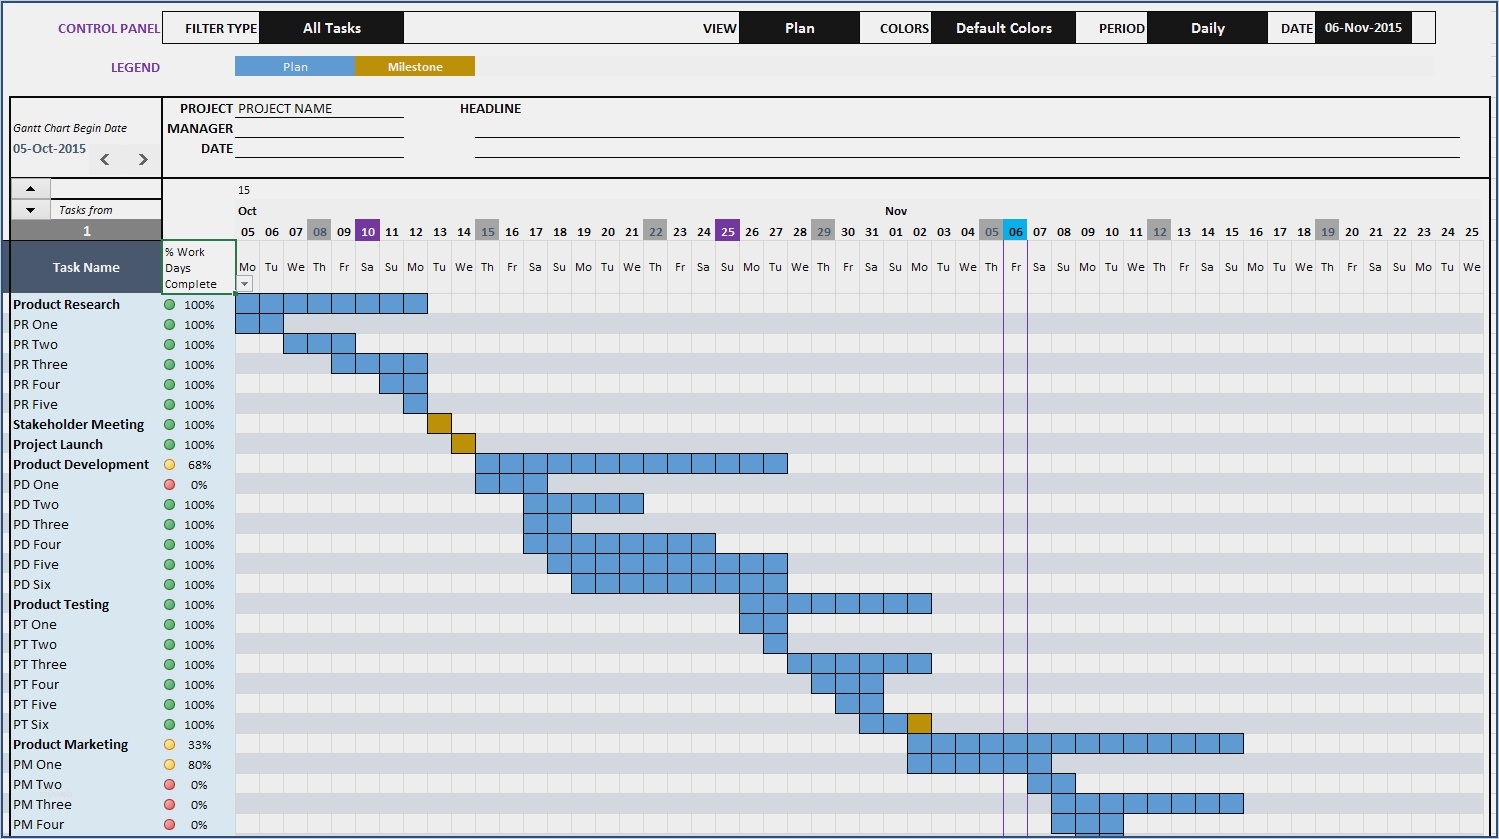 Excel 2010 Gantt Diagramm Vorlage Wunderbar Gantt Chart Maker Excel Throughout Gantt Chart Templates Excel 2010